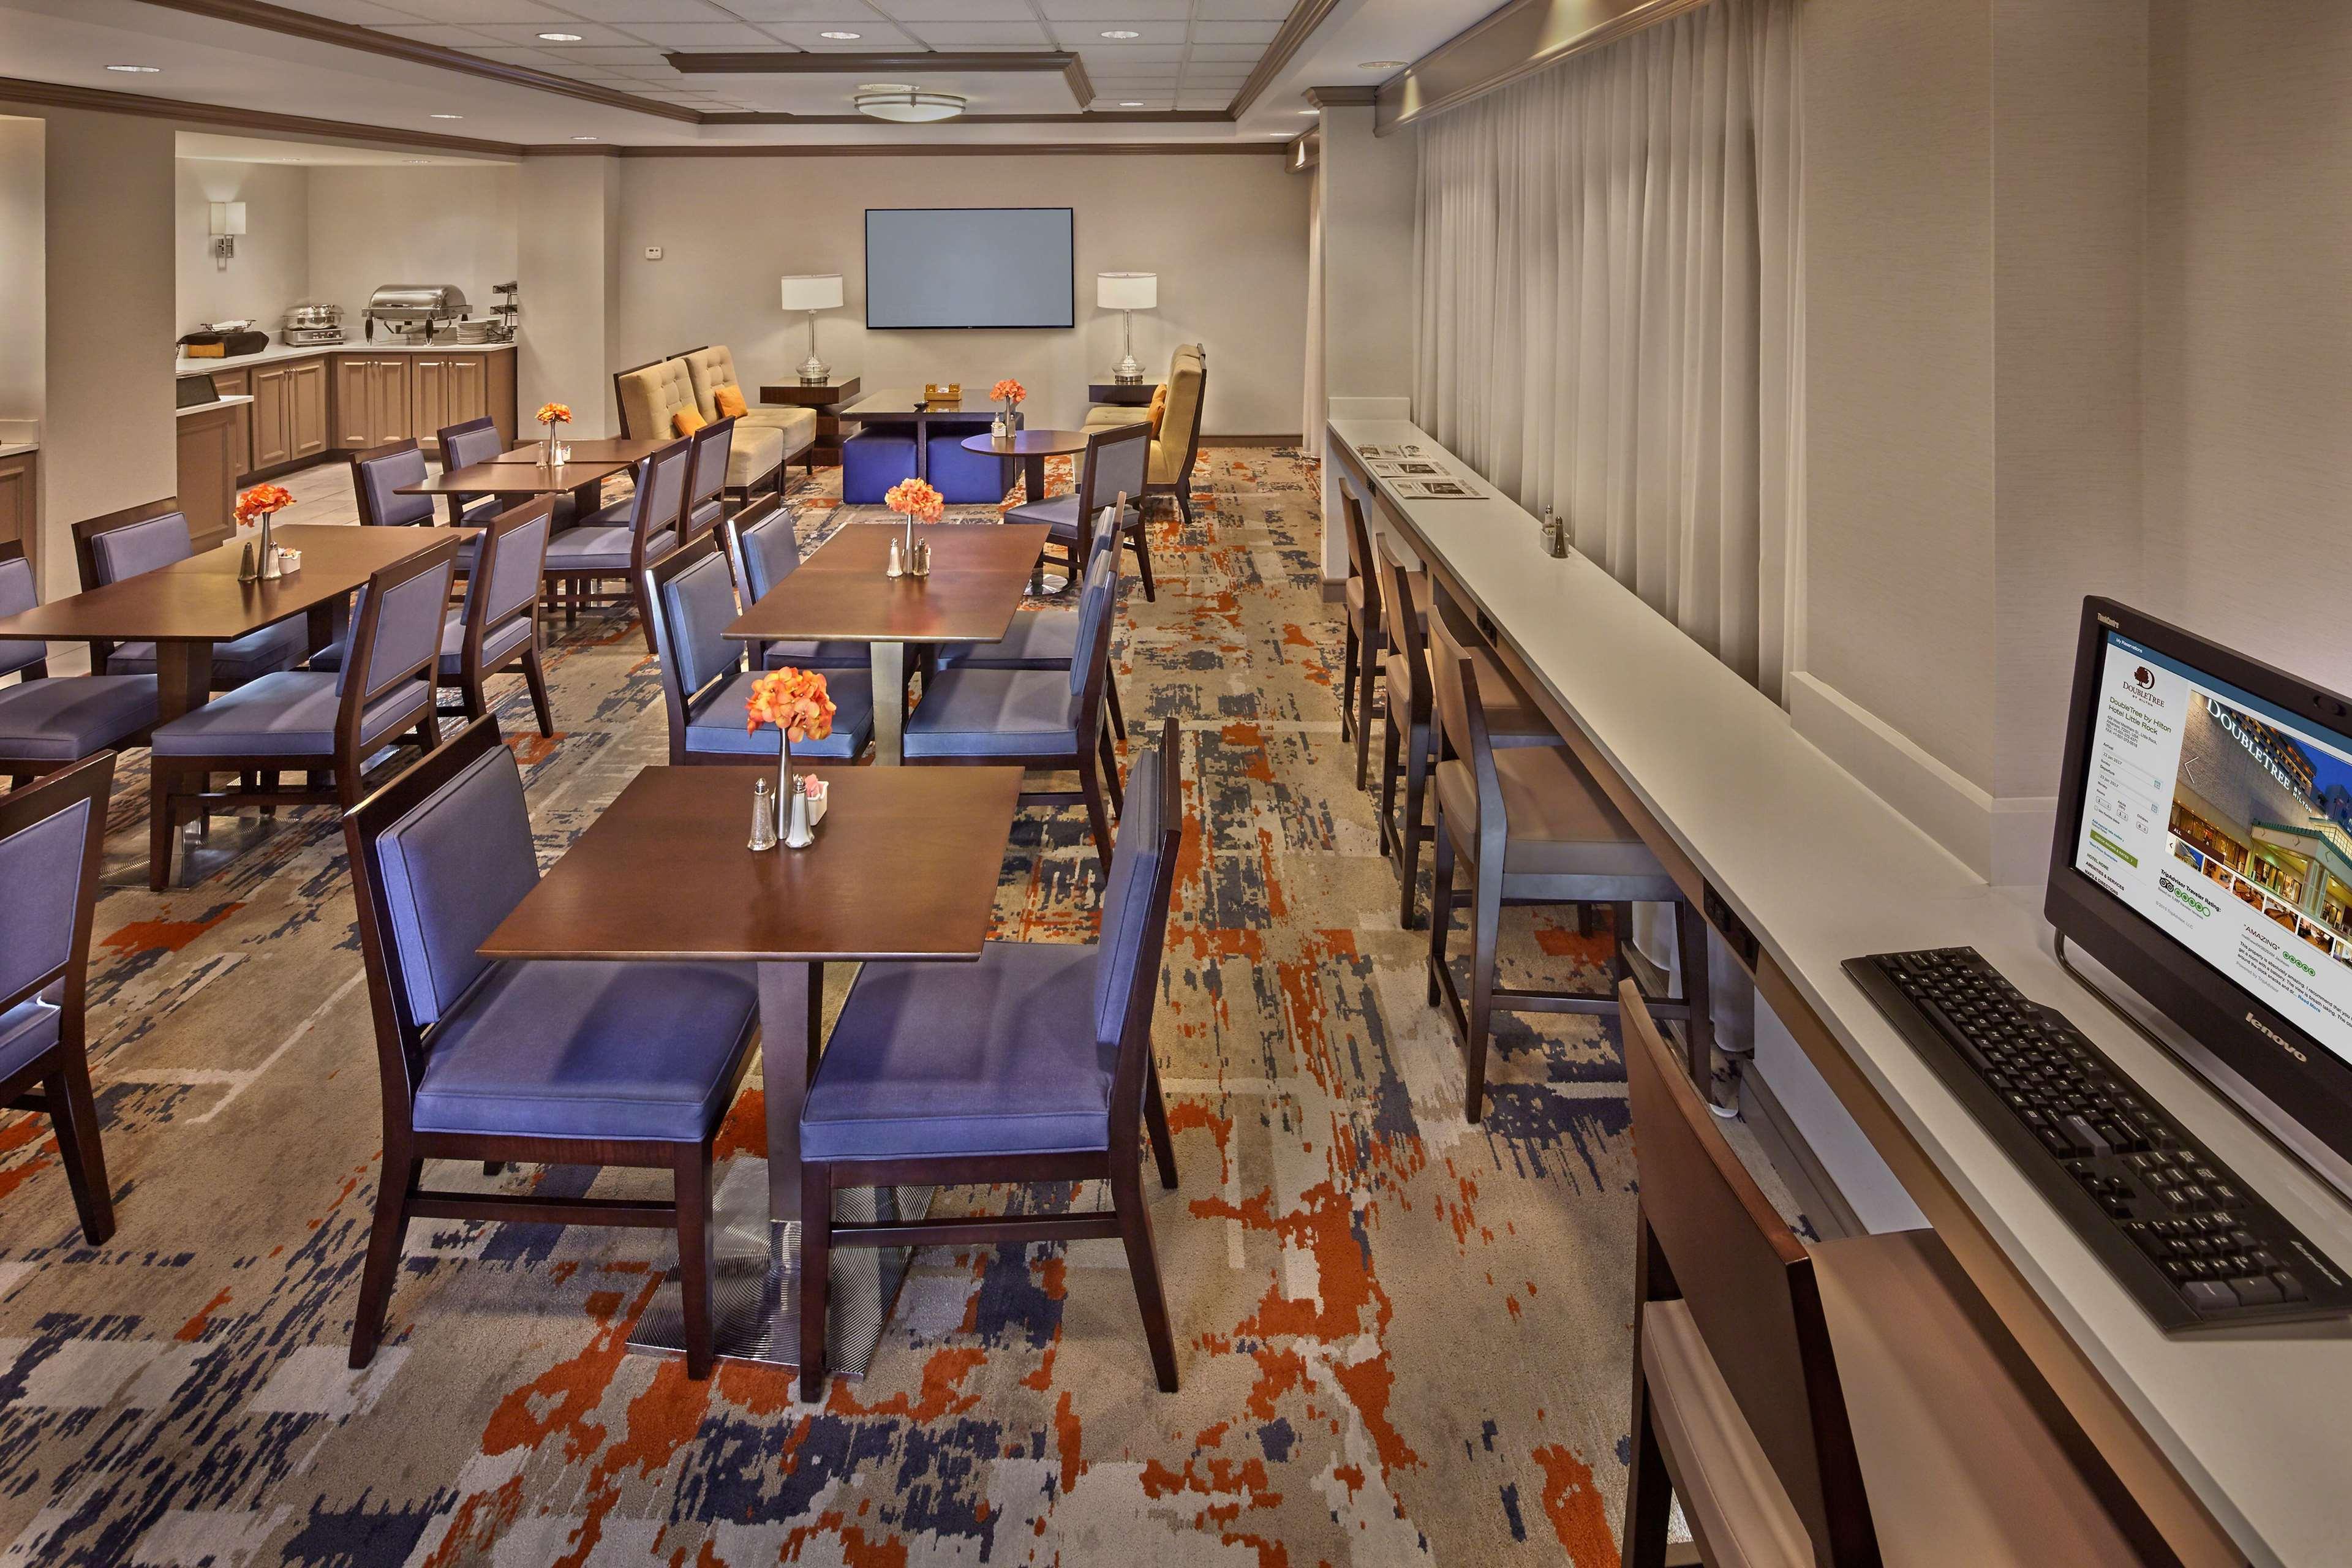 DoubleTree by Hilton Hotel Little Rock image 10